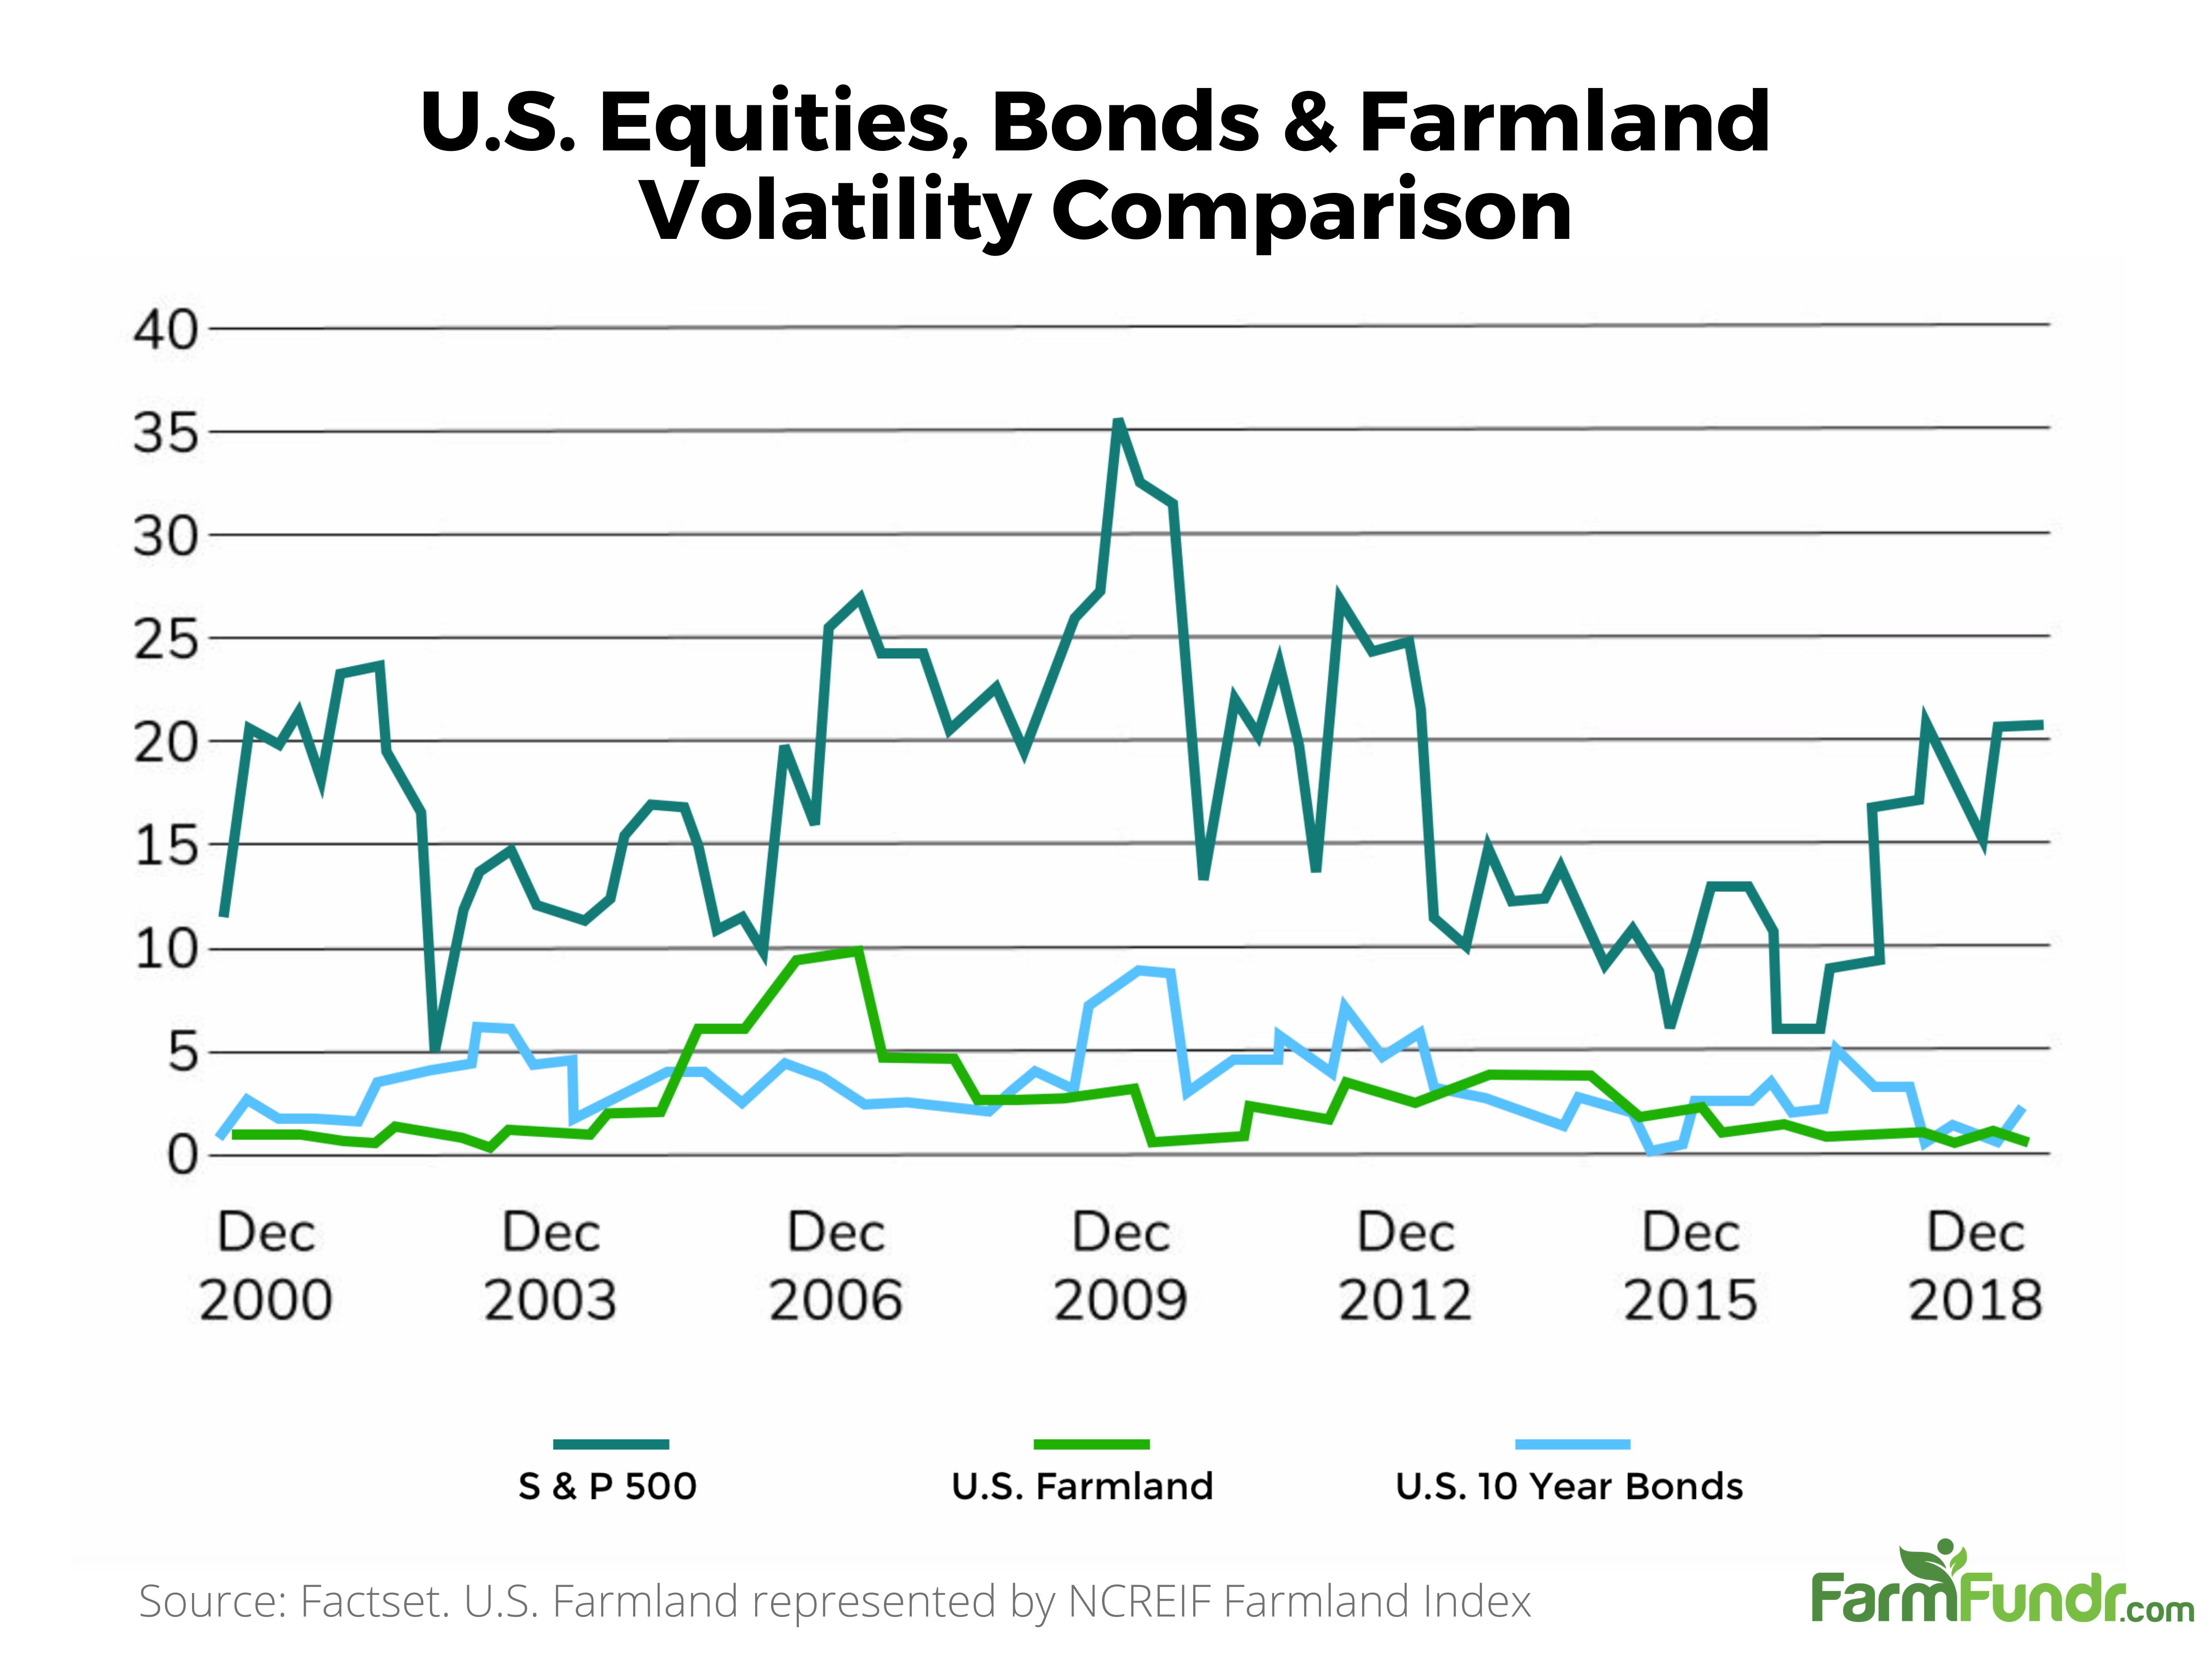 Farmland Volatility Comparison